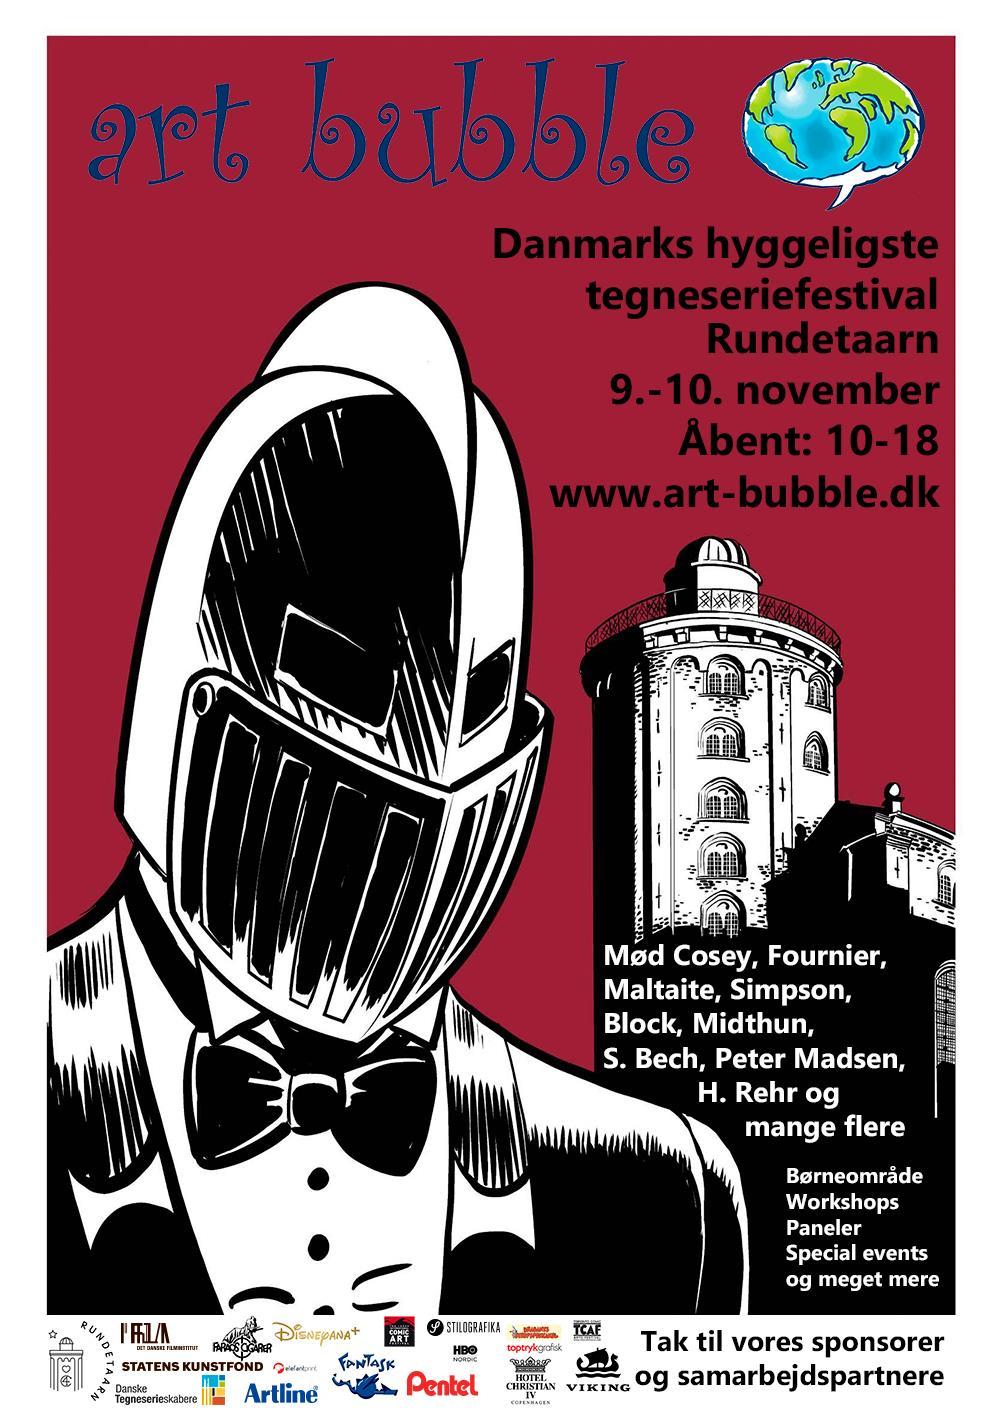 Art Bubble Danmarks hyggeliste tegneseriefestival